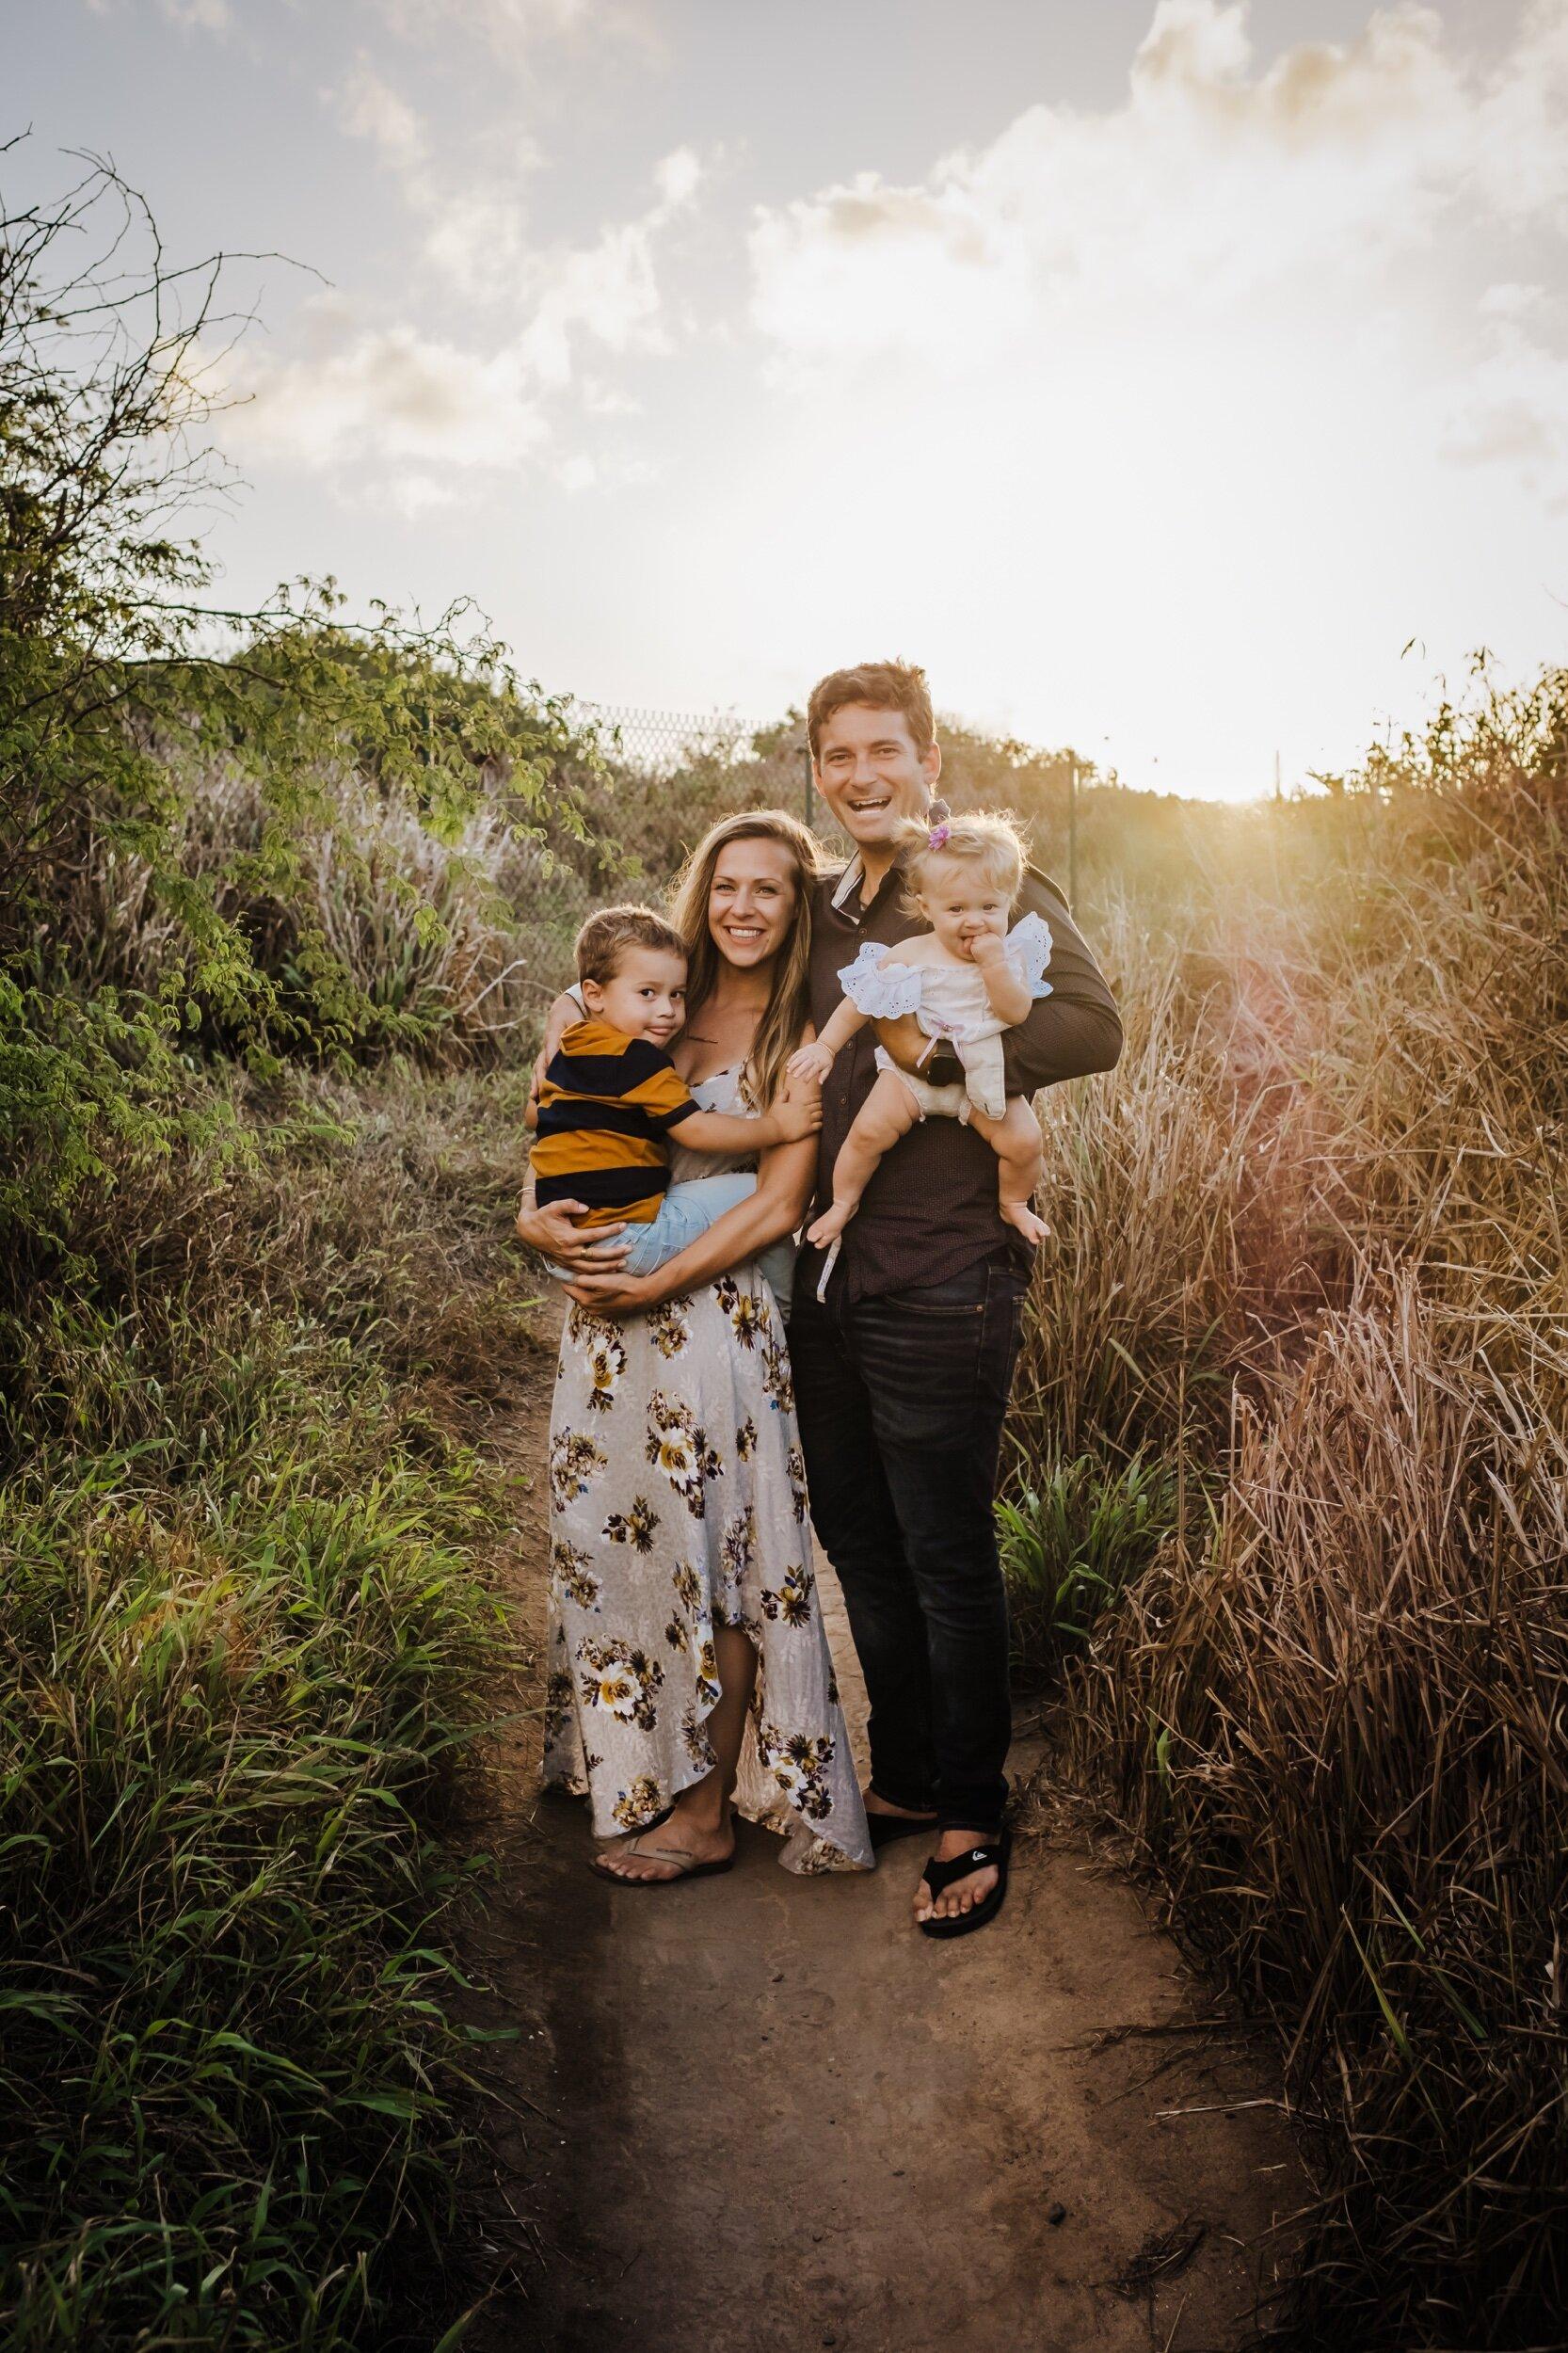 shawfamily-sunset-24.jpeg